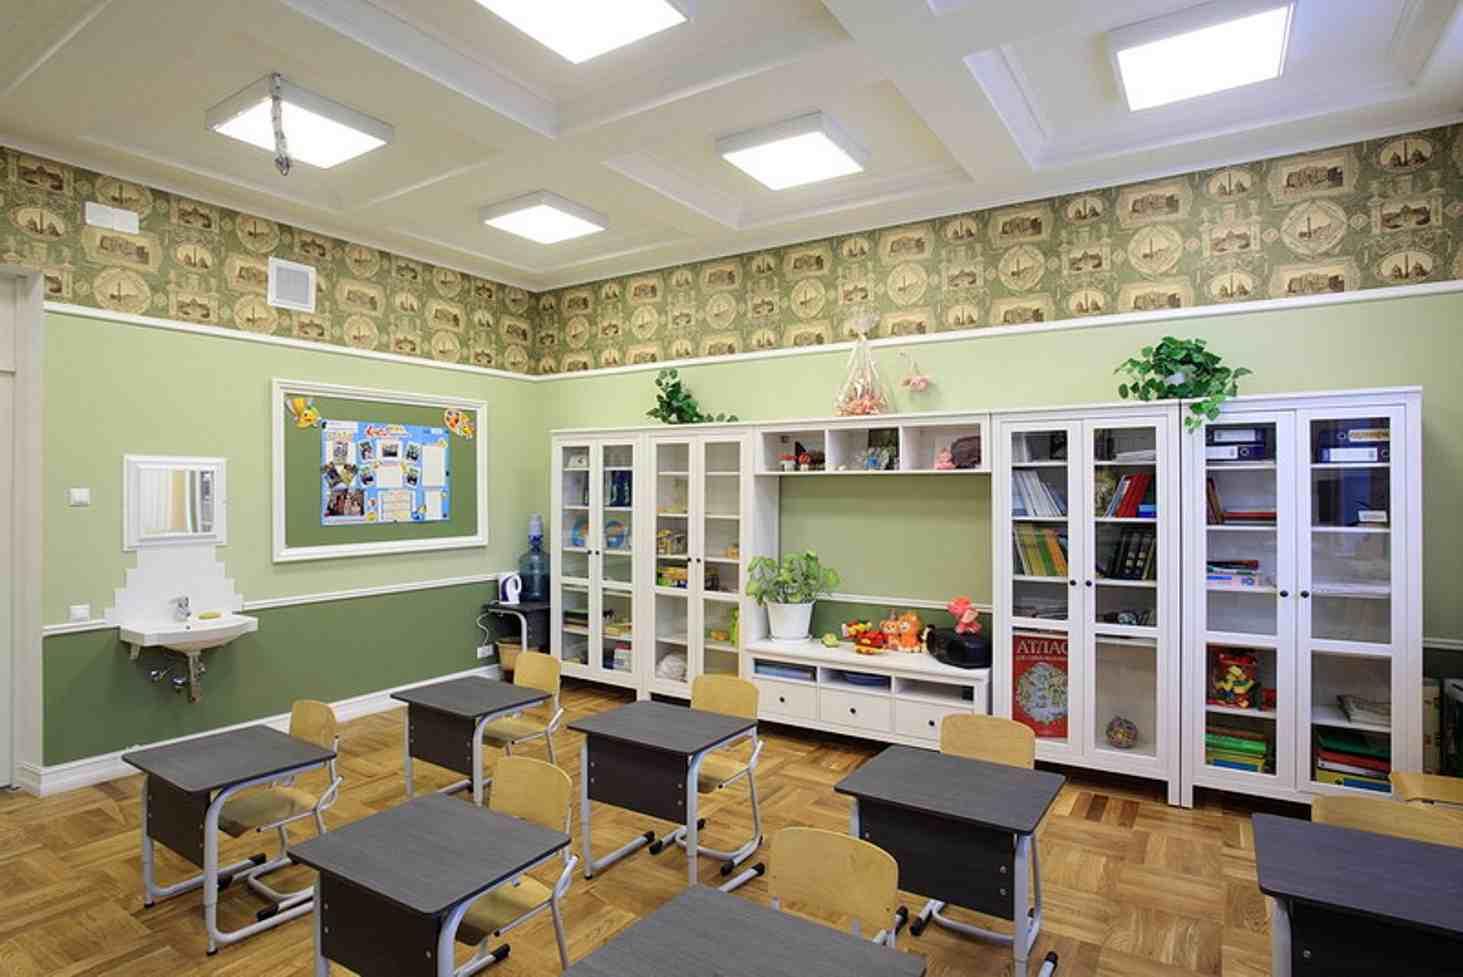 7-sovetov-dlya-pedagogov-kak-obnovit-dizajn-svoego-klassa